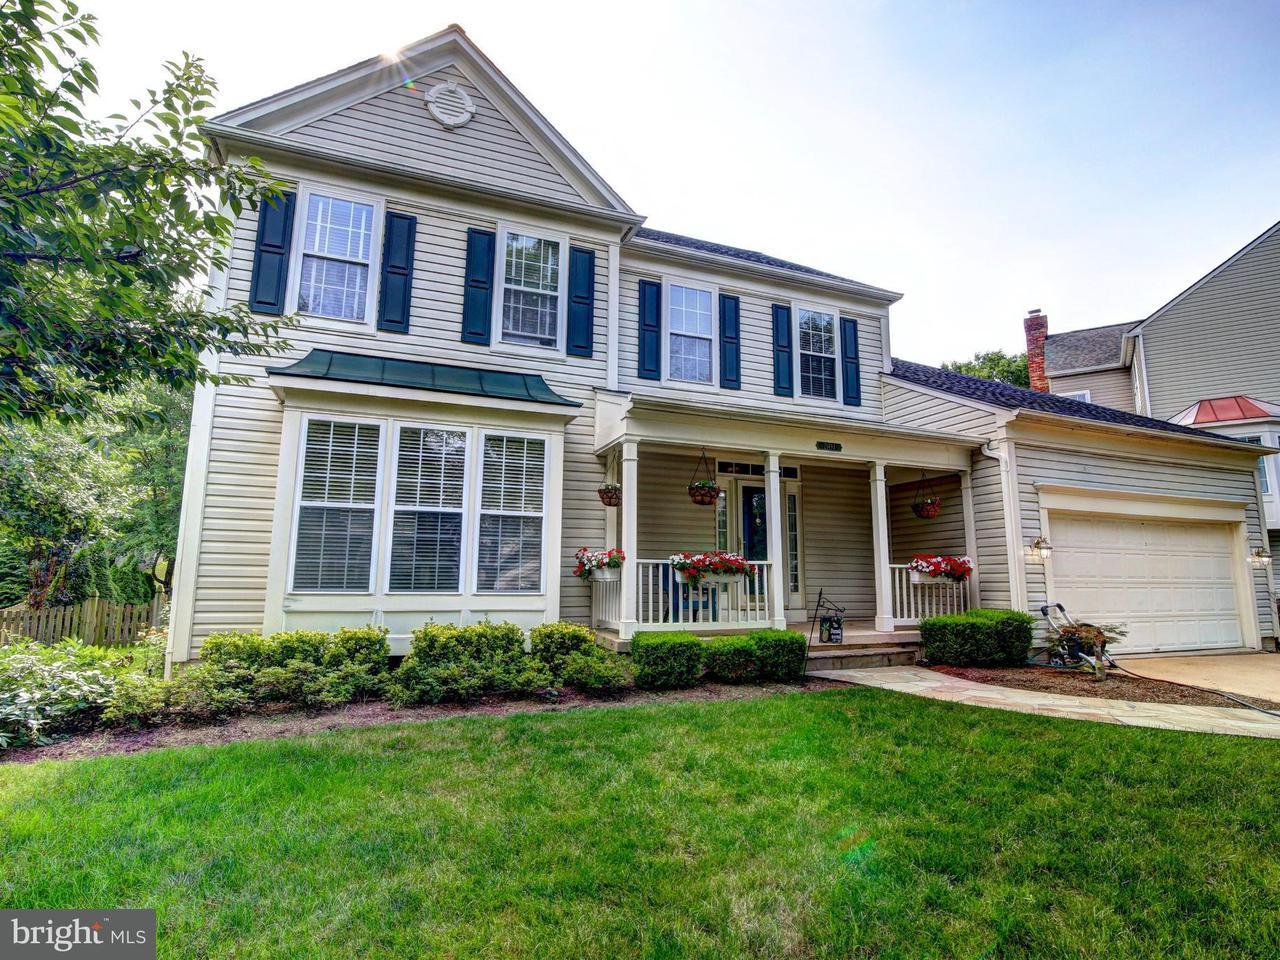 Maison unifamiliale pour l Vente à 21493 HEARTHSTONE Court 21493 HEARTHSTONE Court Broadlands, Virginia 20148 États-Unis